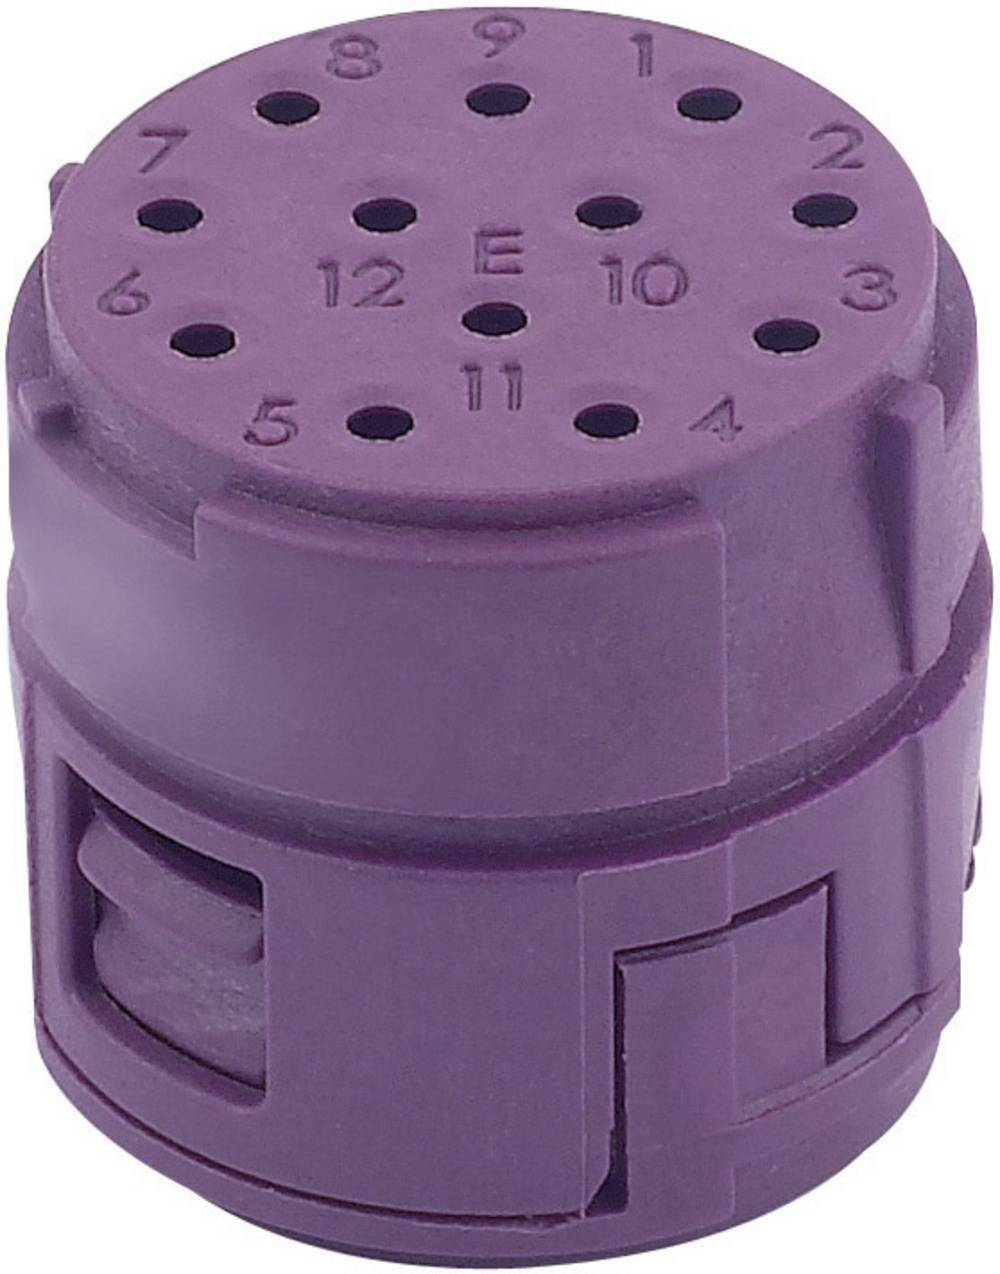 LappKabel 73002720 M23 12E EPIC CIRCON M23 Pin Insert 7 A